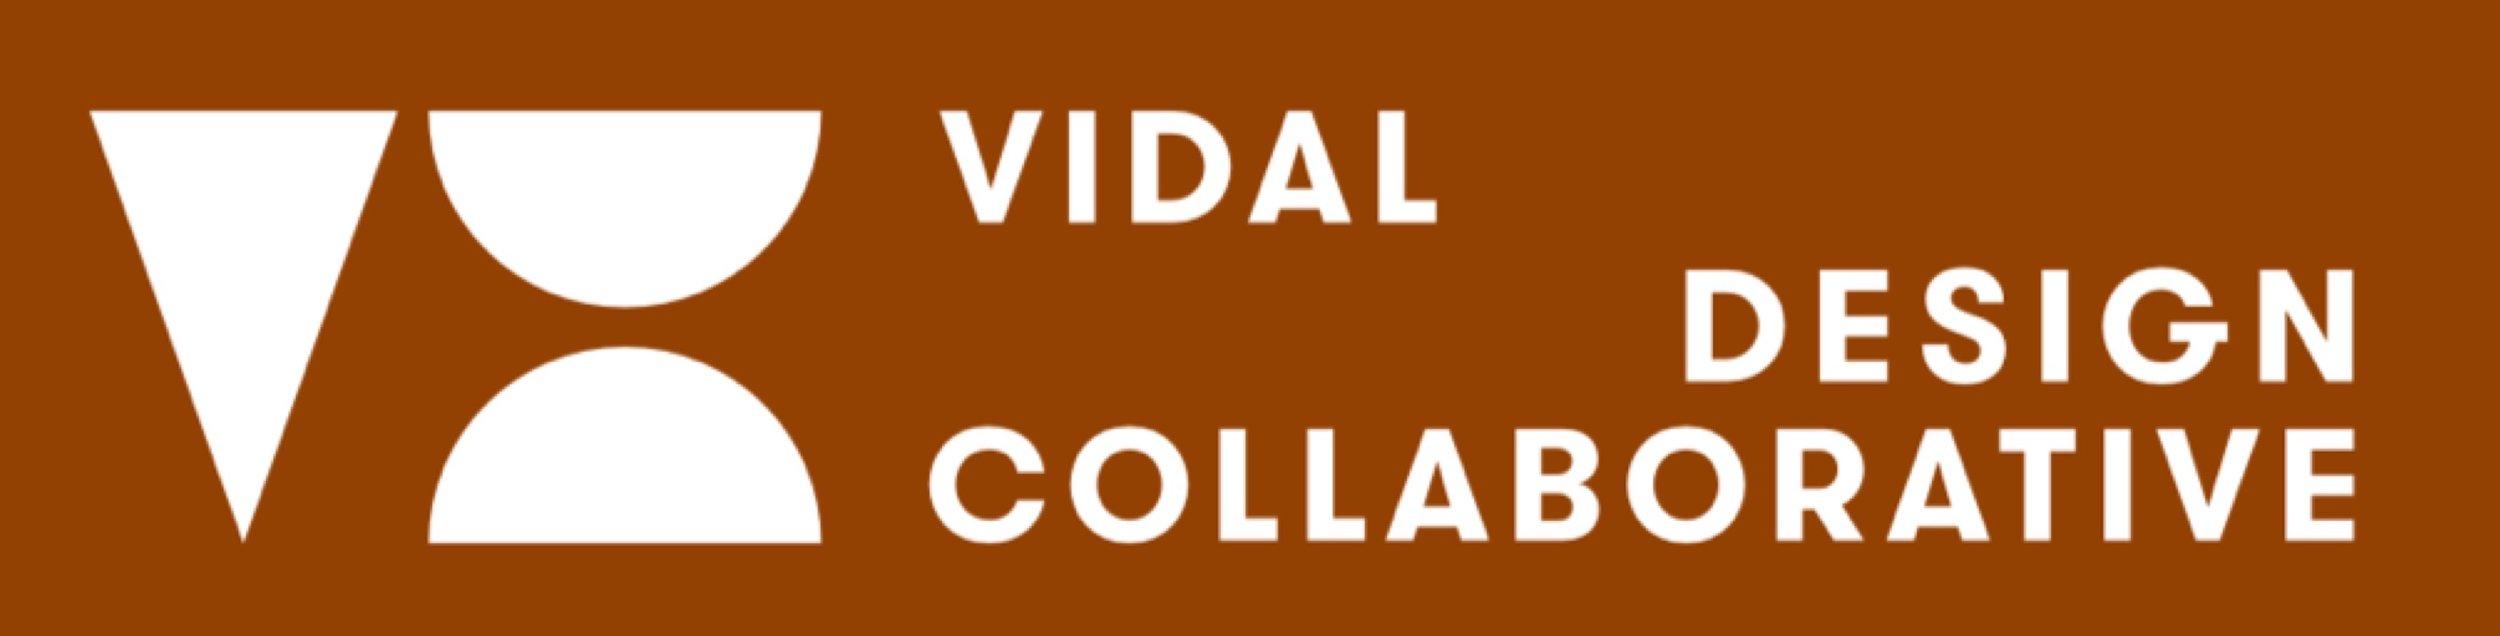 Vidal Design Collaborative